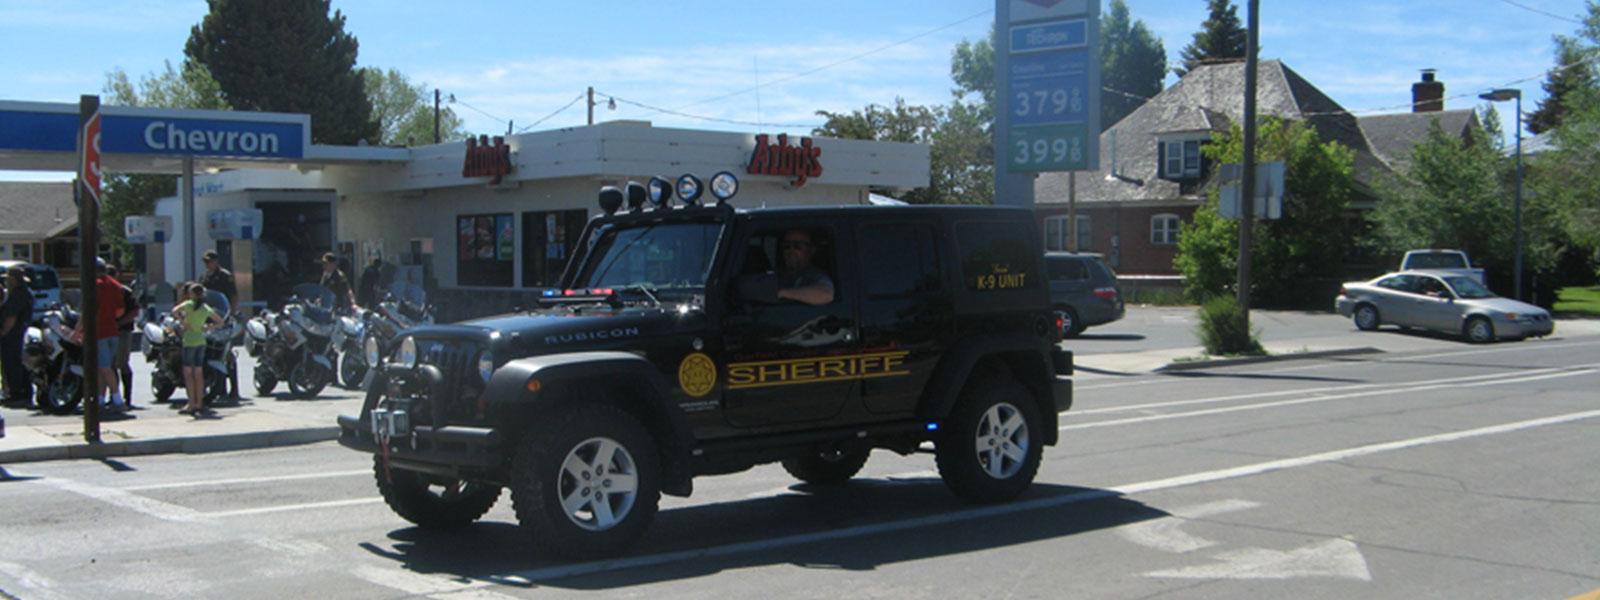 garfield-county-sheriff-s5